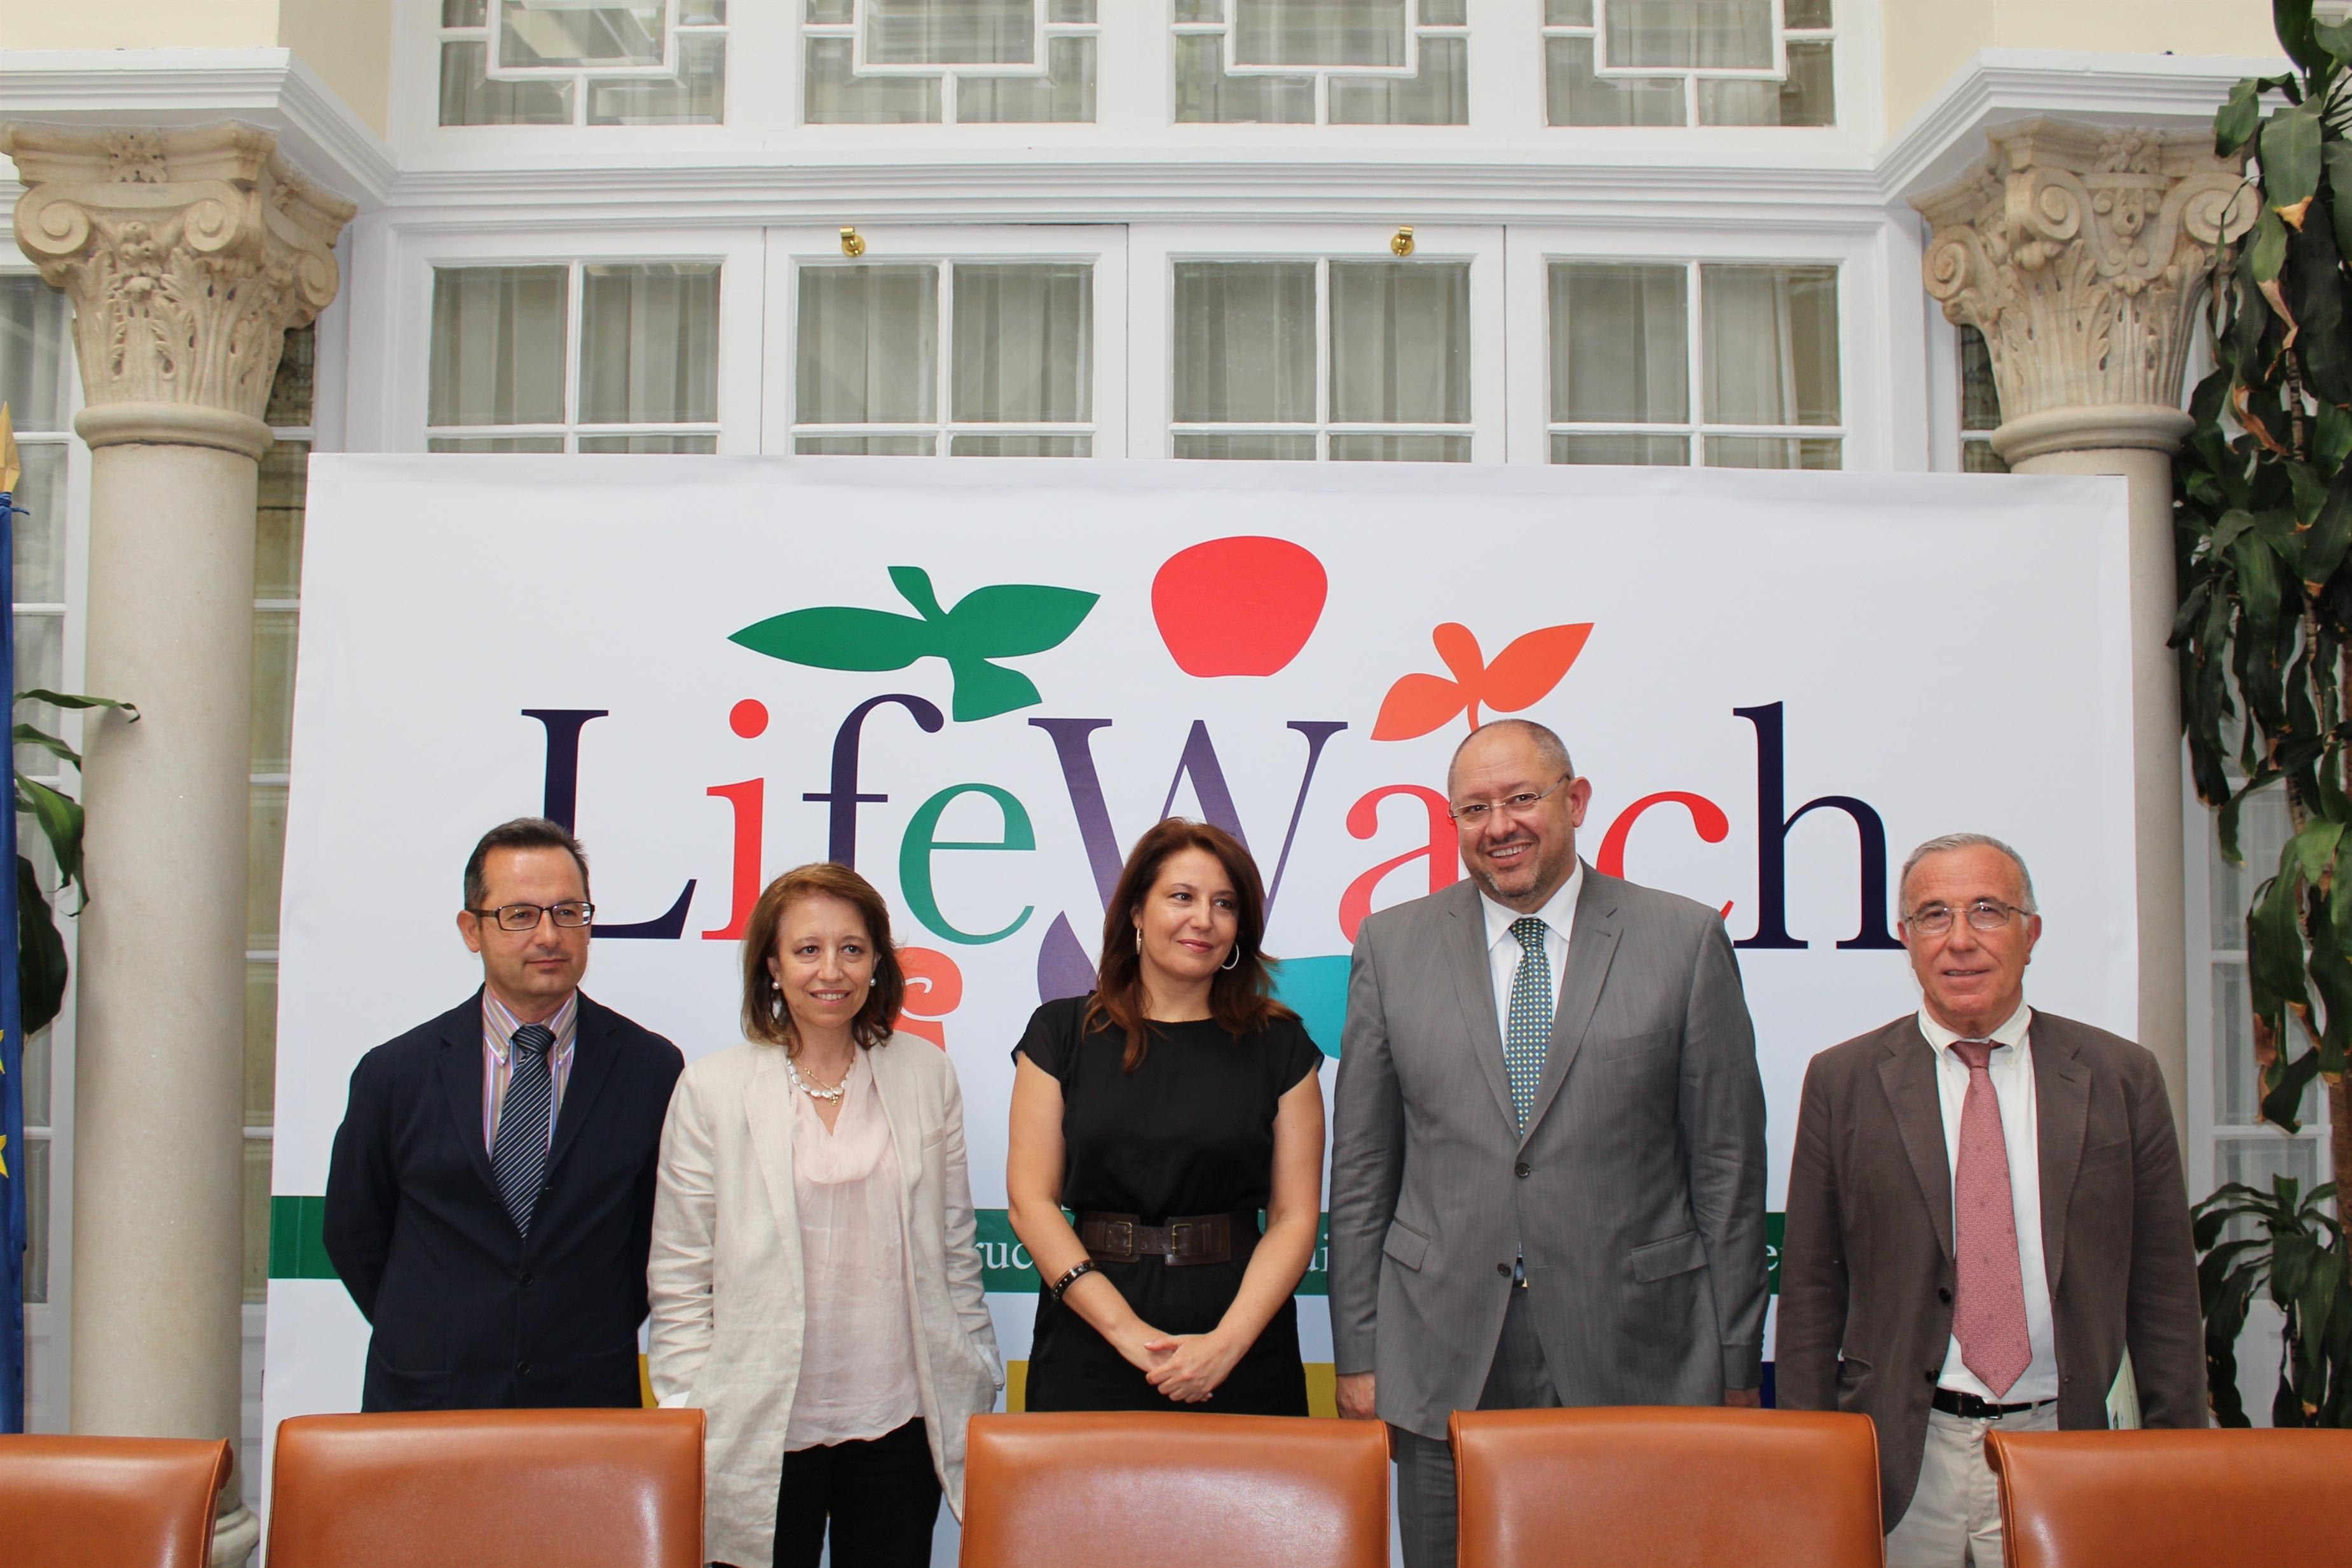 La capital será la sede central de la infraestructura medioambiental europea Lifewatch, liderada por España